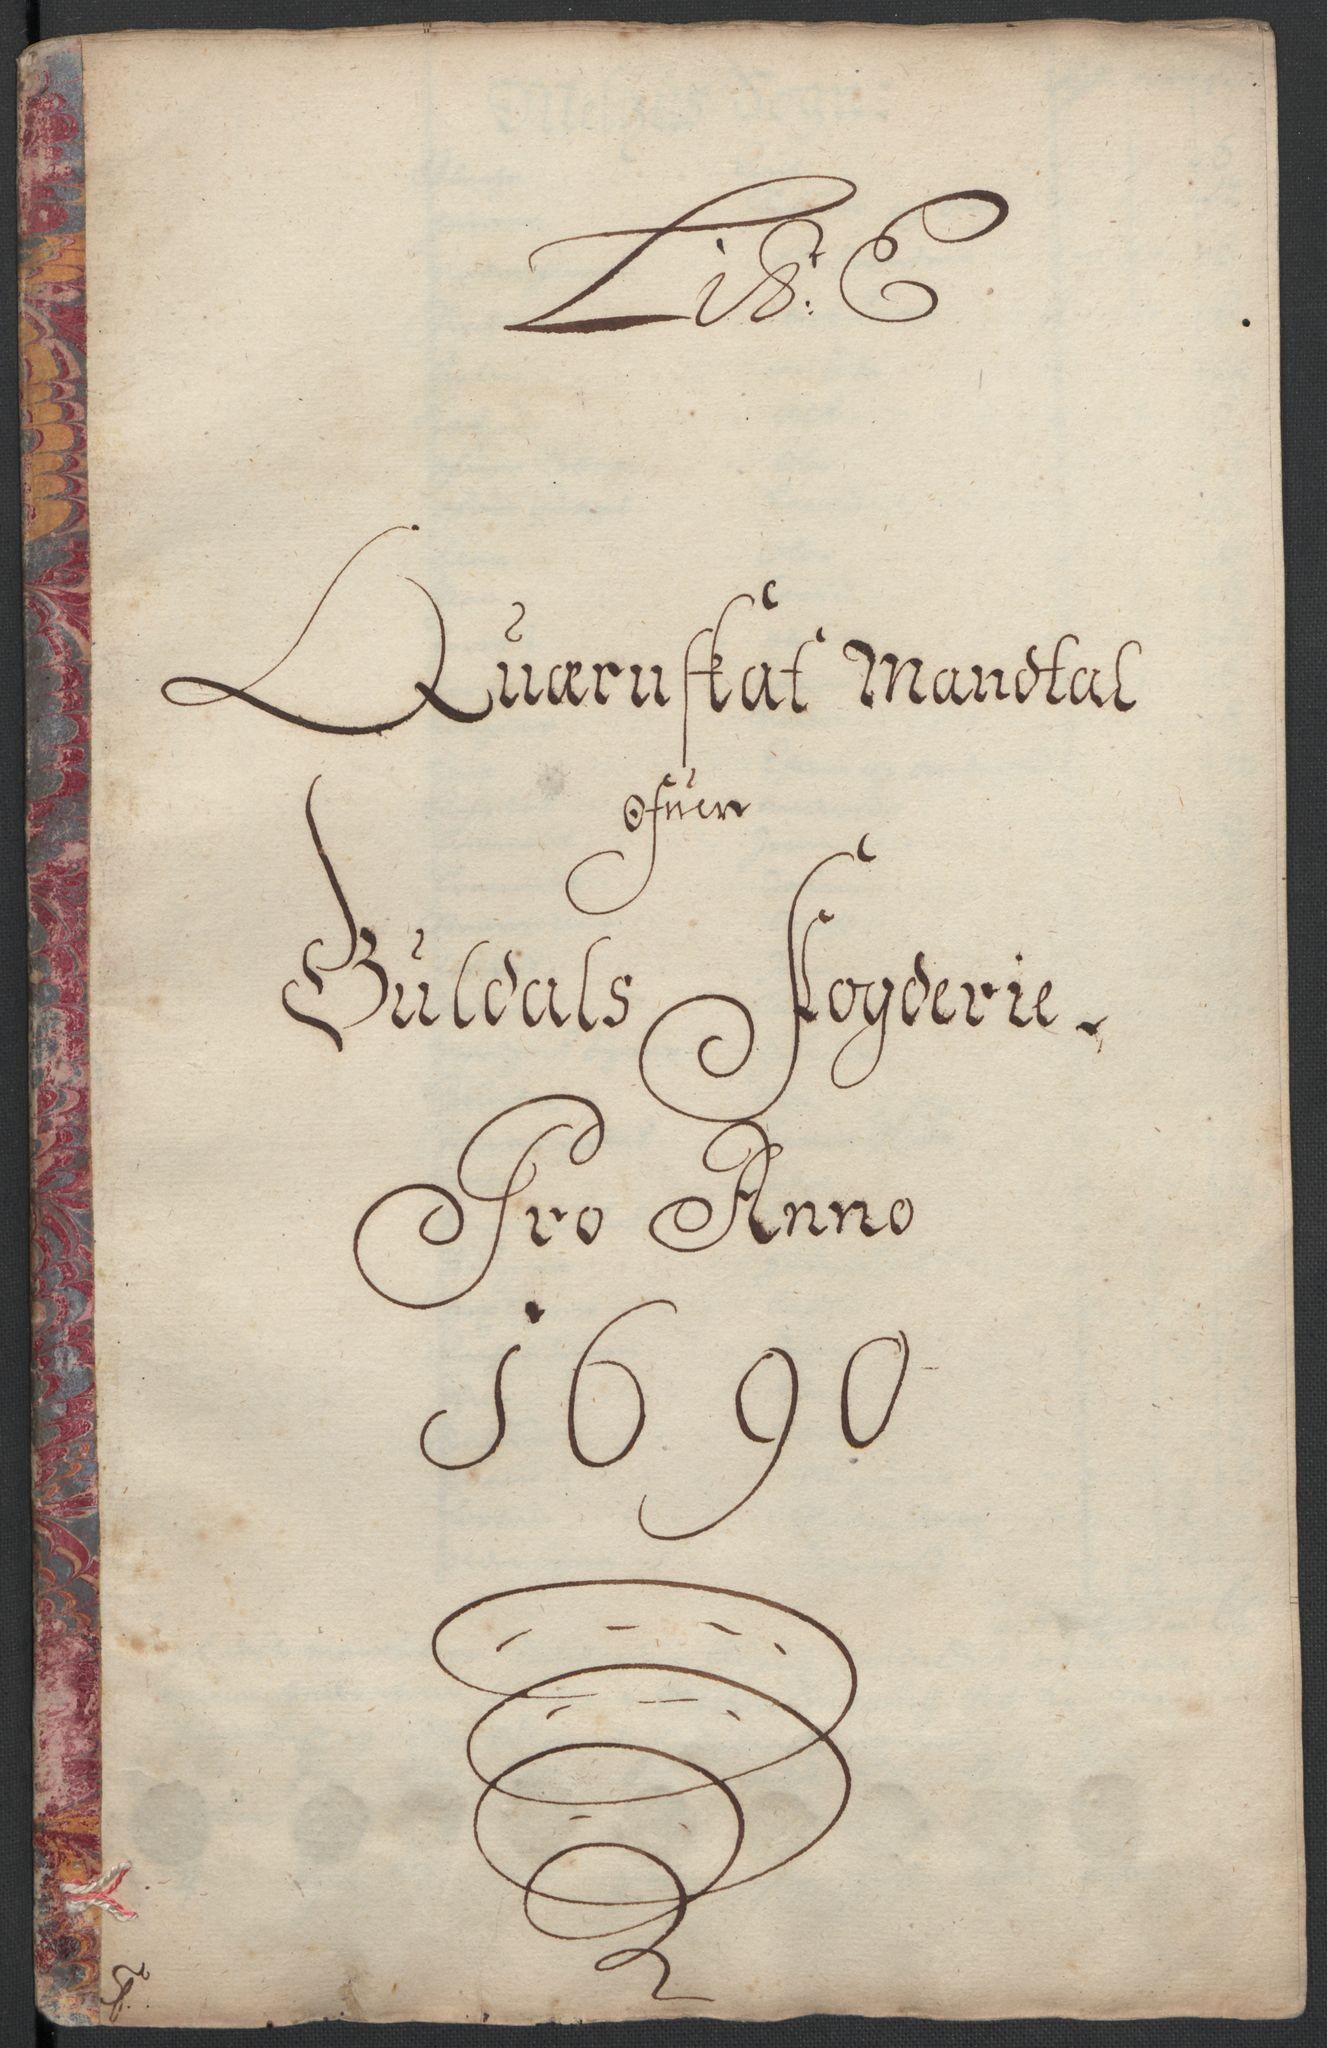 RA, Rentekammeret inntil 1814, Reviderte regnskaper, Fogderegnskap, R59/L3940: Fogderegnskap Gauldal, 1689-1690, s. 253